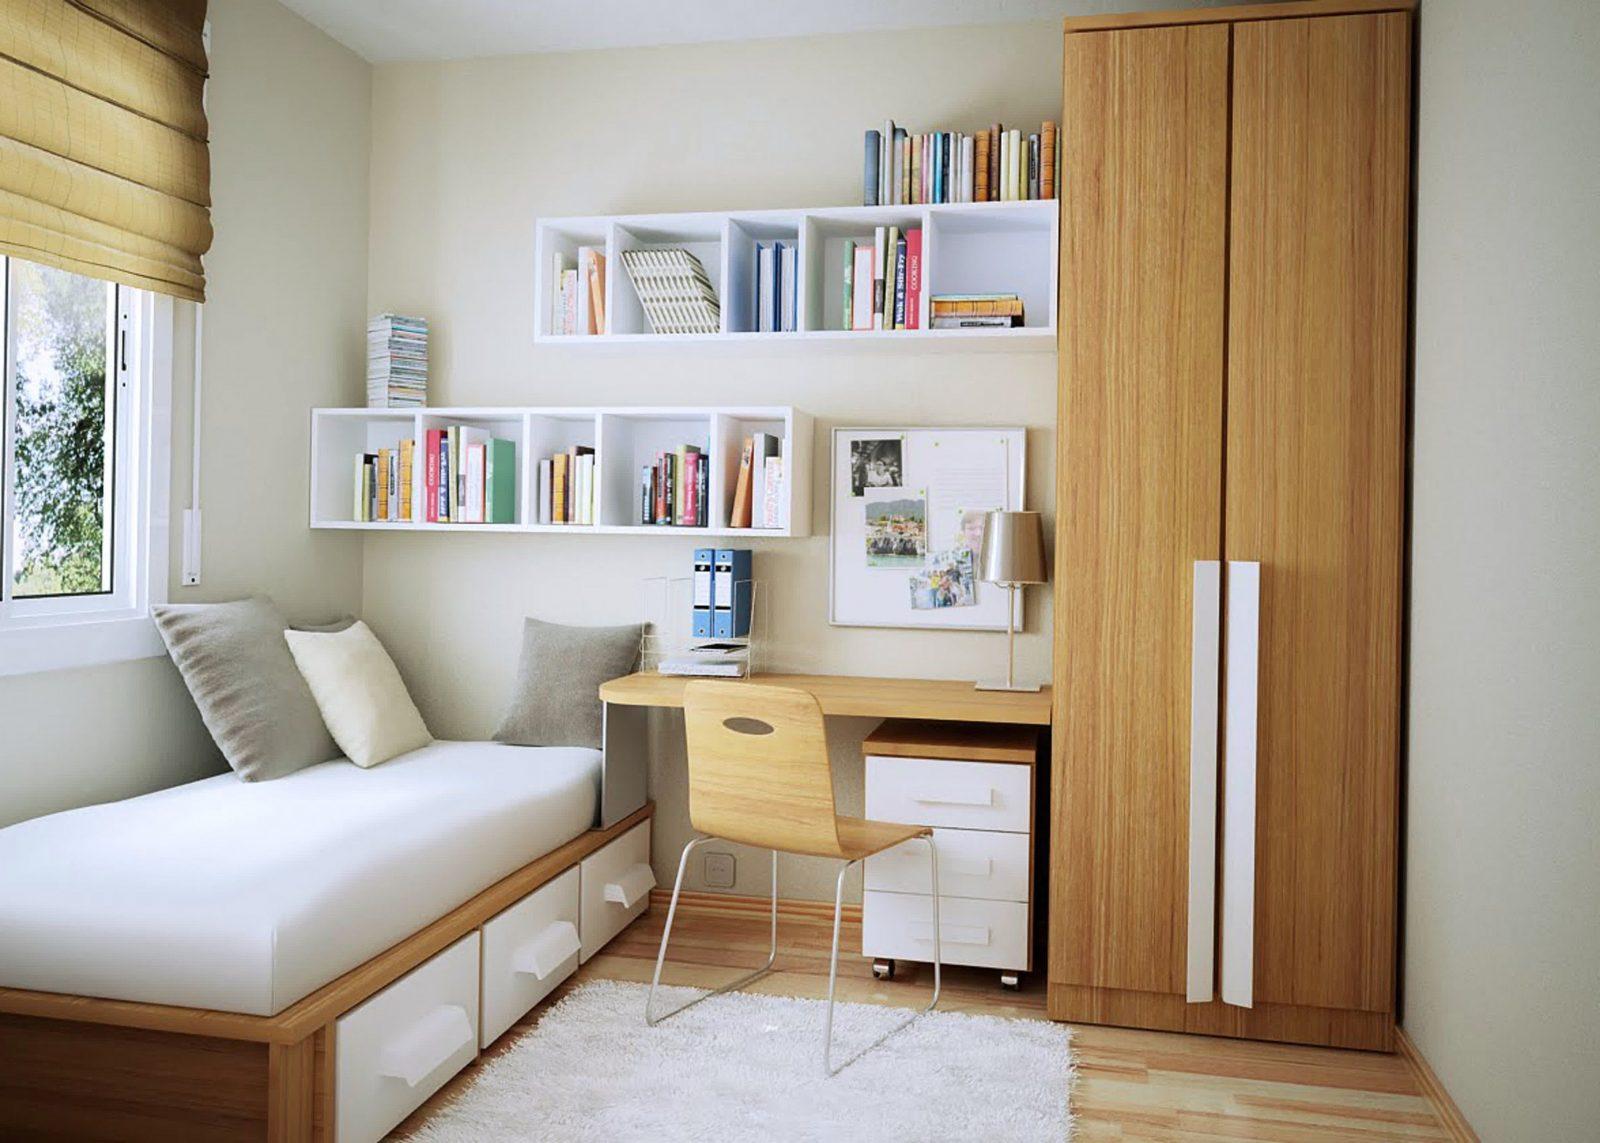 Kleine Schlafzimmer Günstige Schlafzimmer Ideen Für Kleine Räume von Schlafzimmer Ideen Kleine Räume Bild